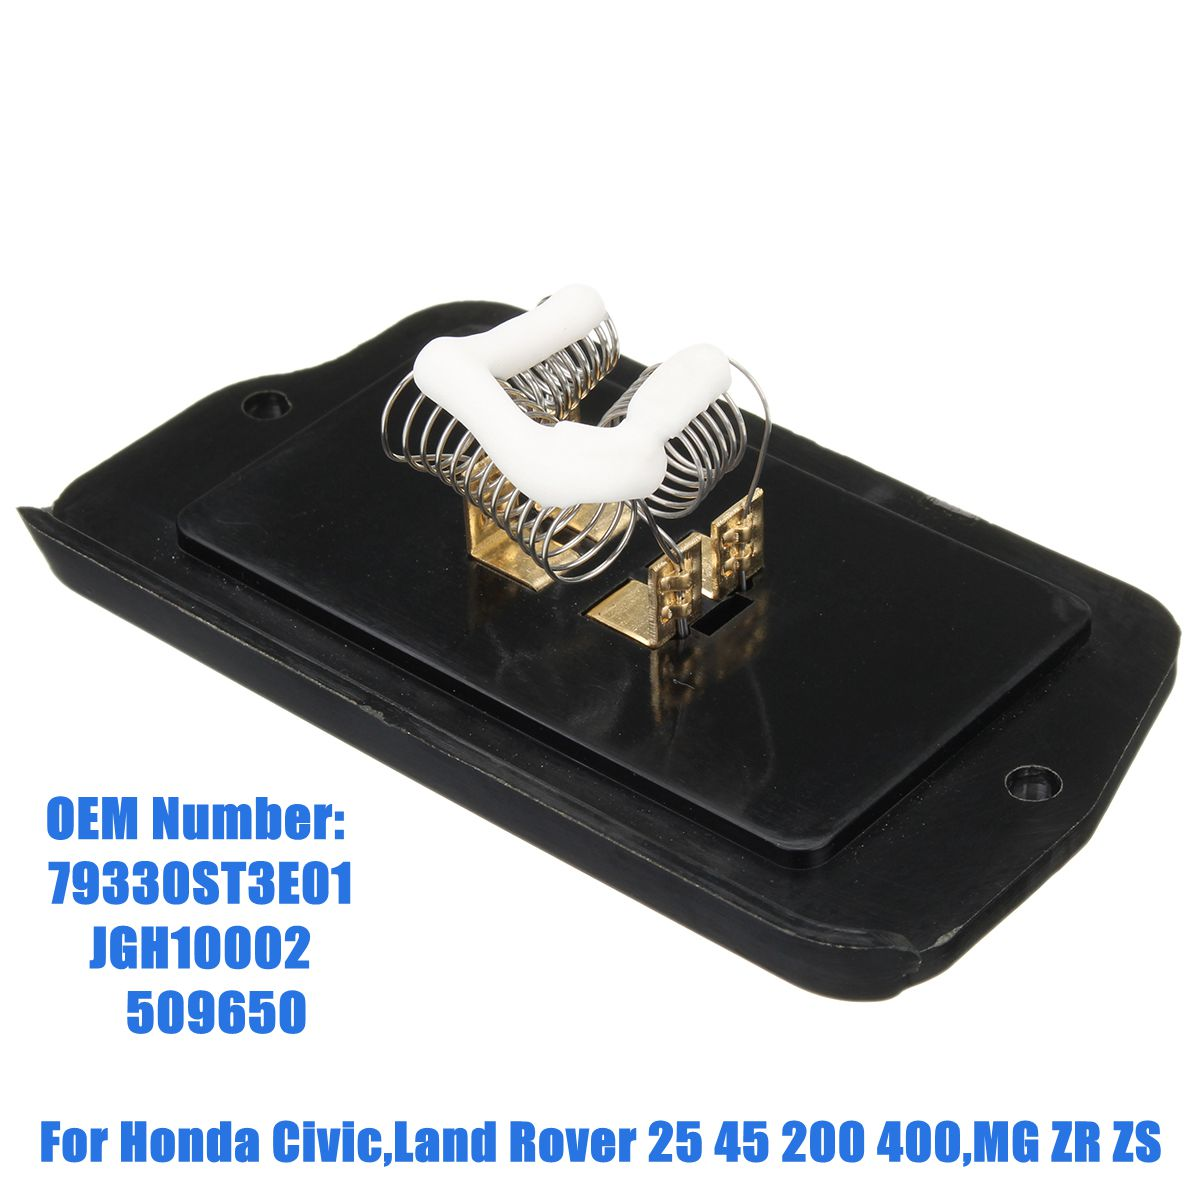 79330ST3E01 JGM10002 Heater Blower Motor Fan Resistor For Honda For Civic/Land Rover 25 45 200 400 for MG ZR ZS Honda Grom